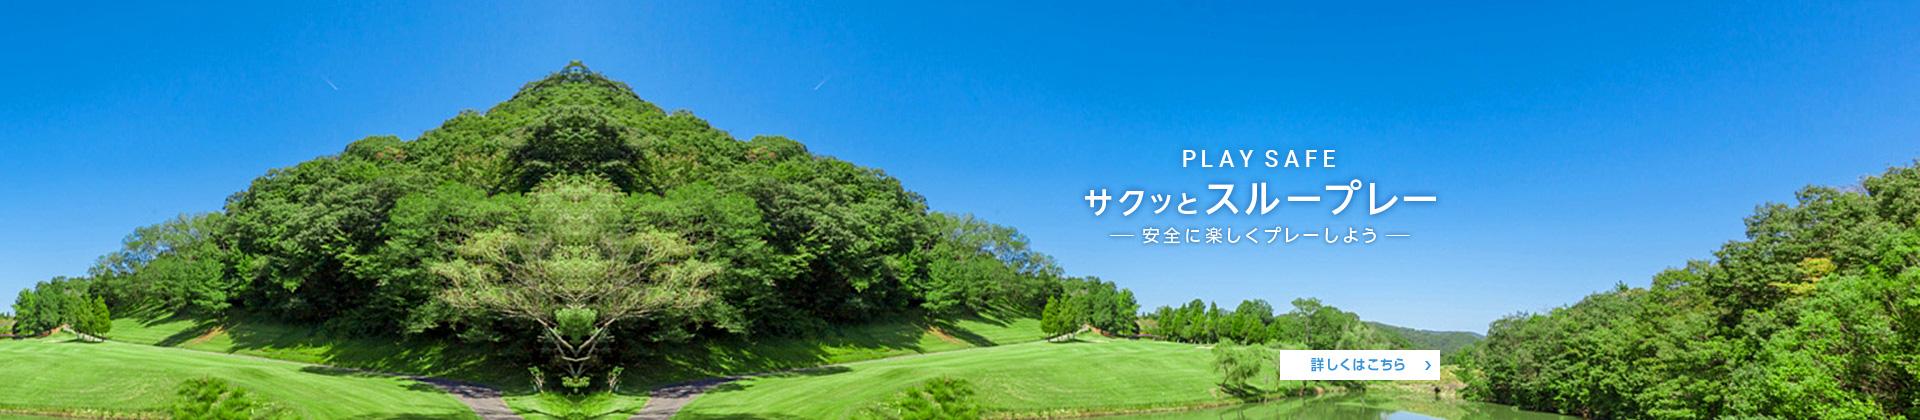 予約 格安 場 ゴルフ